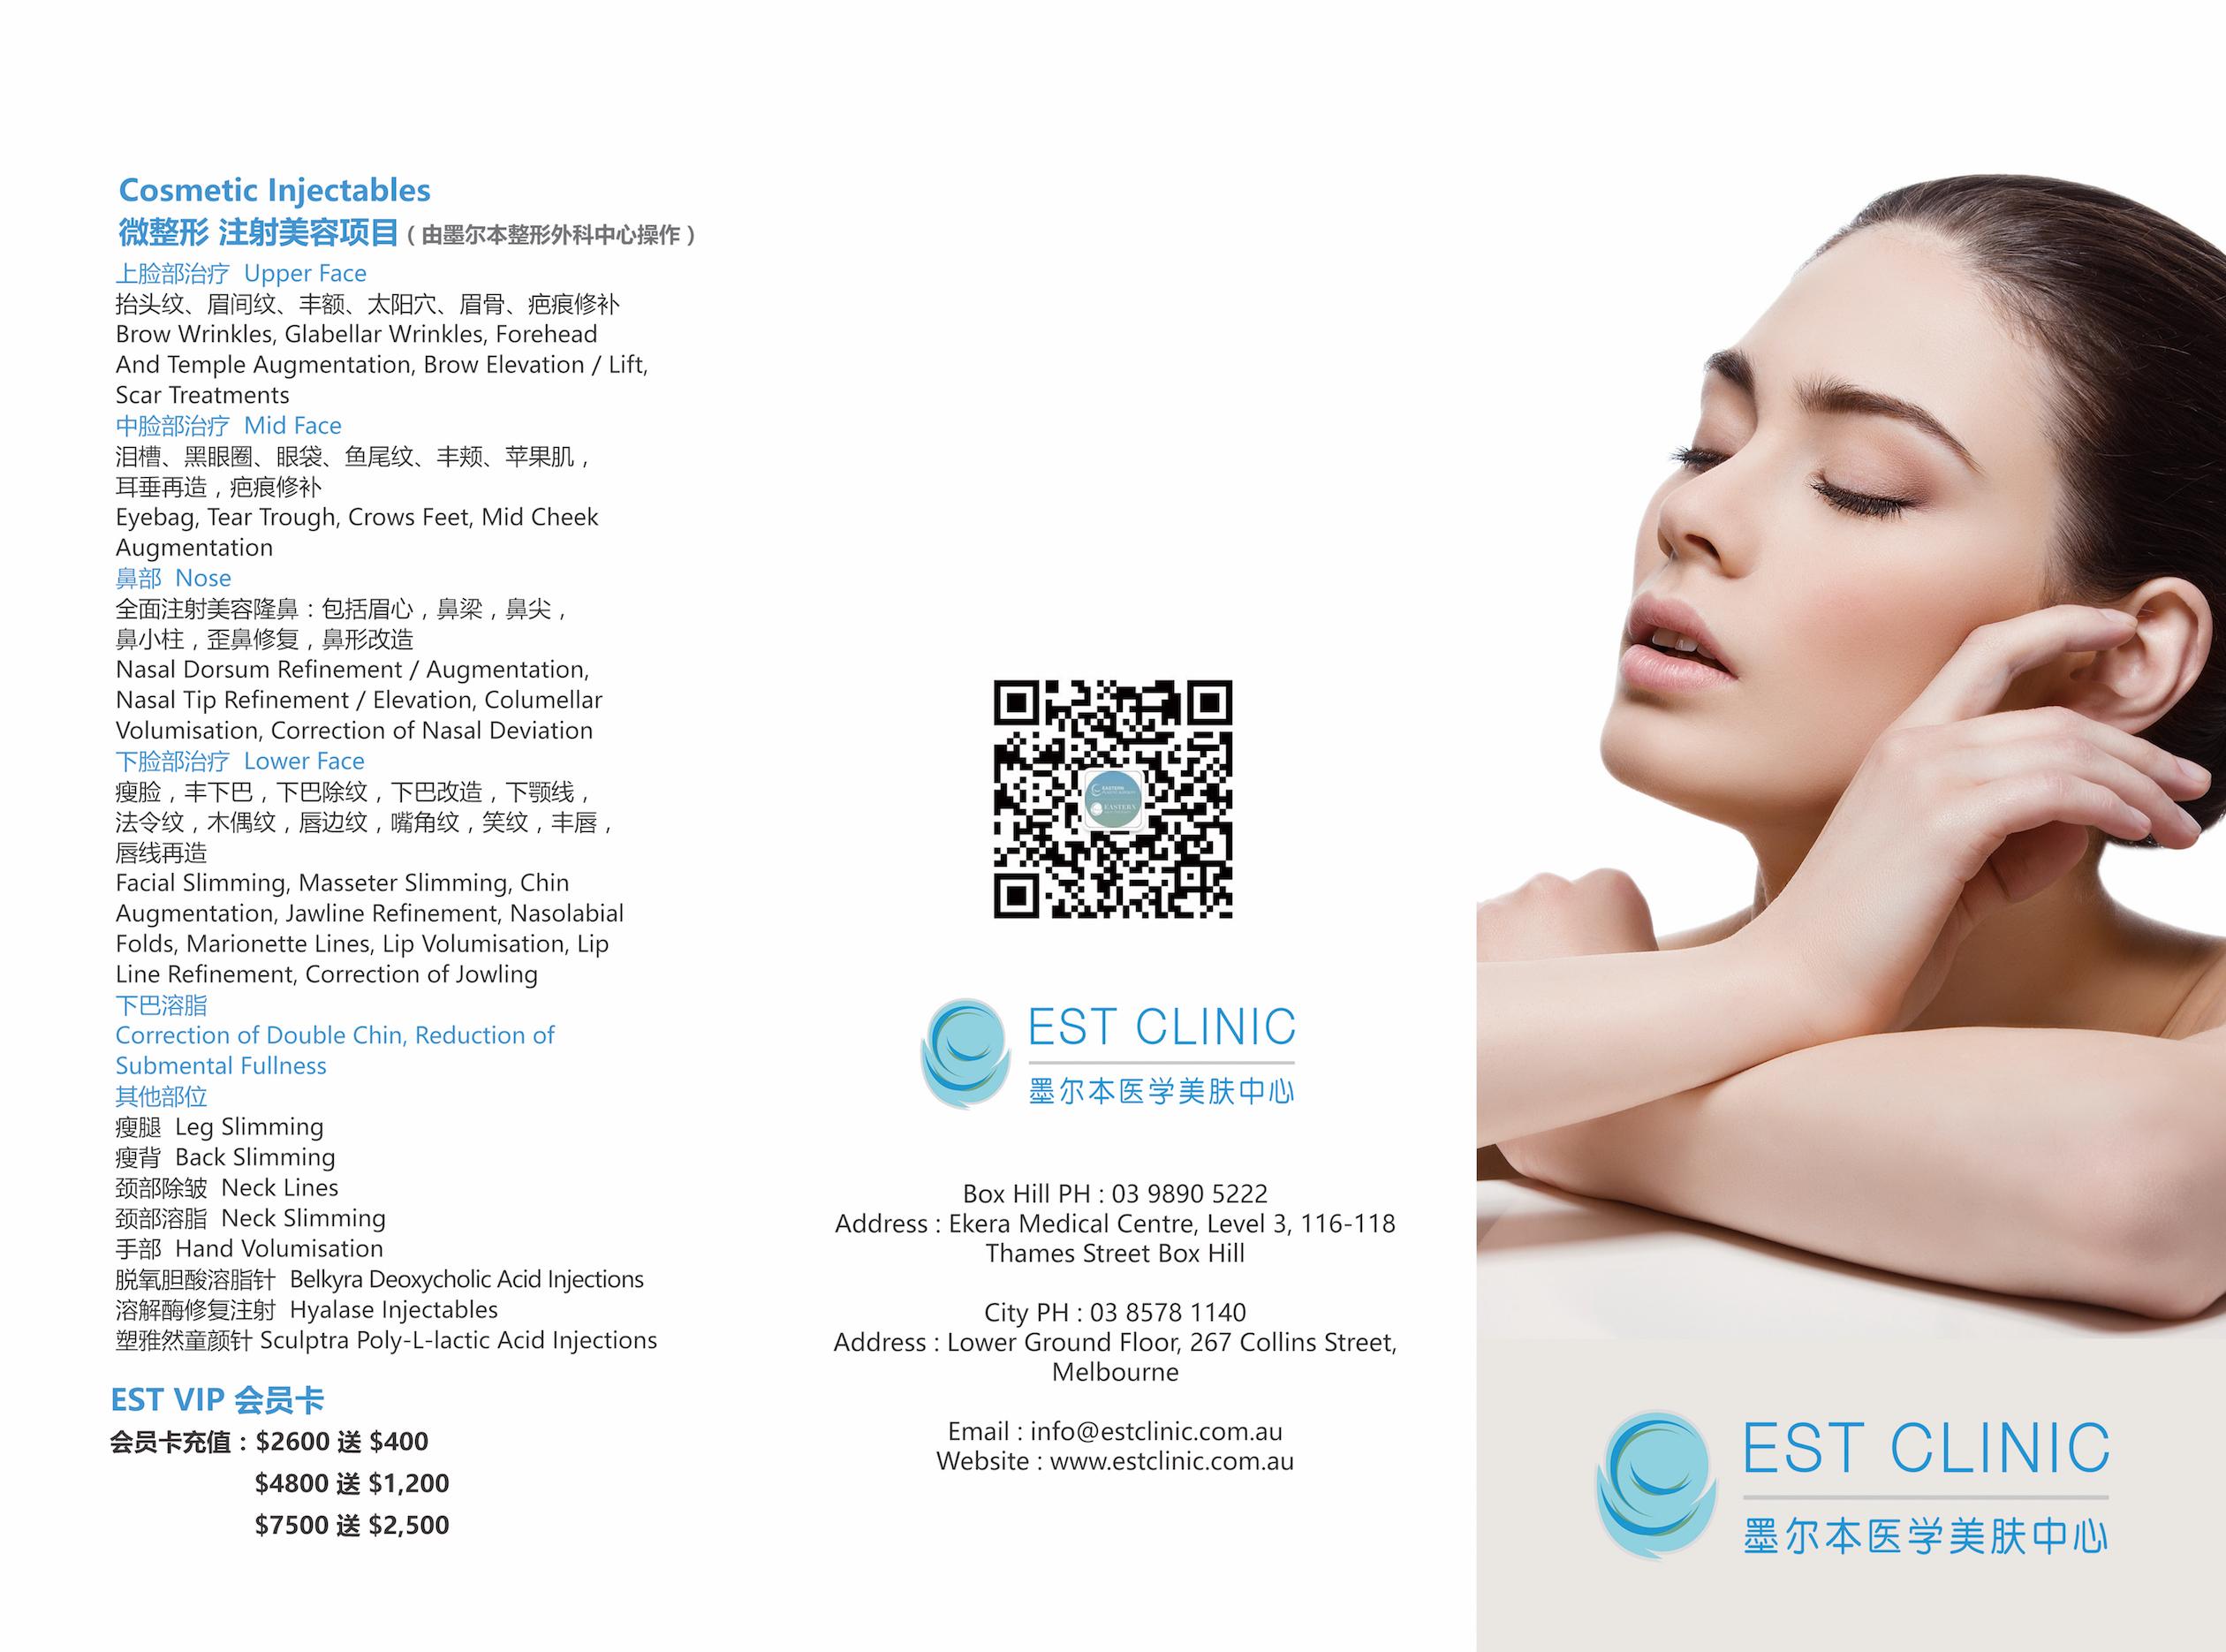 EST Brochure front 18.06.05